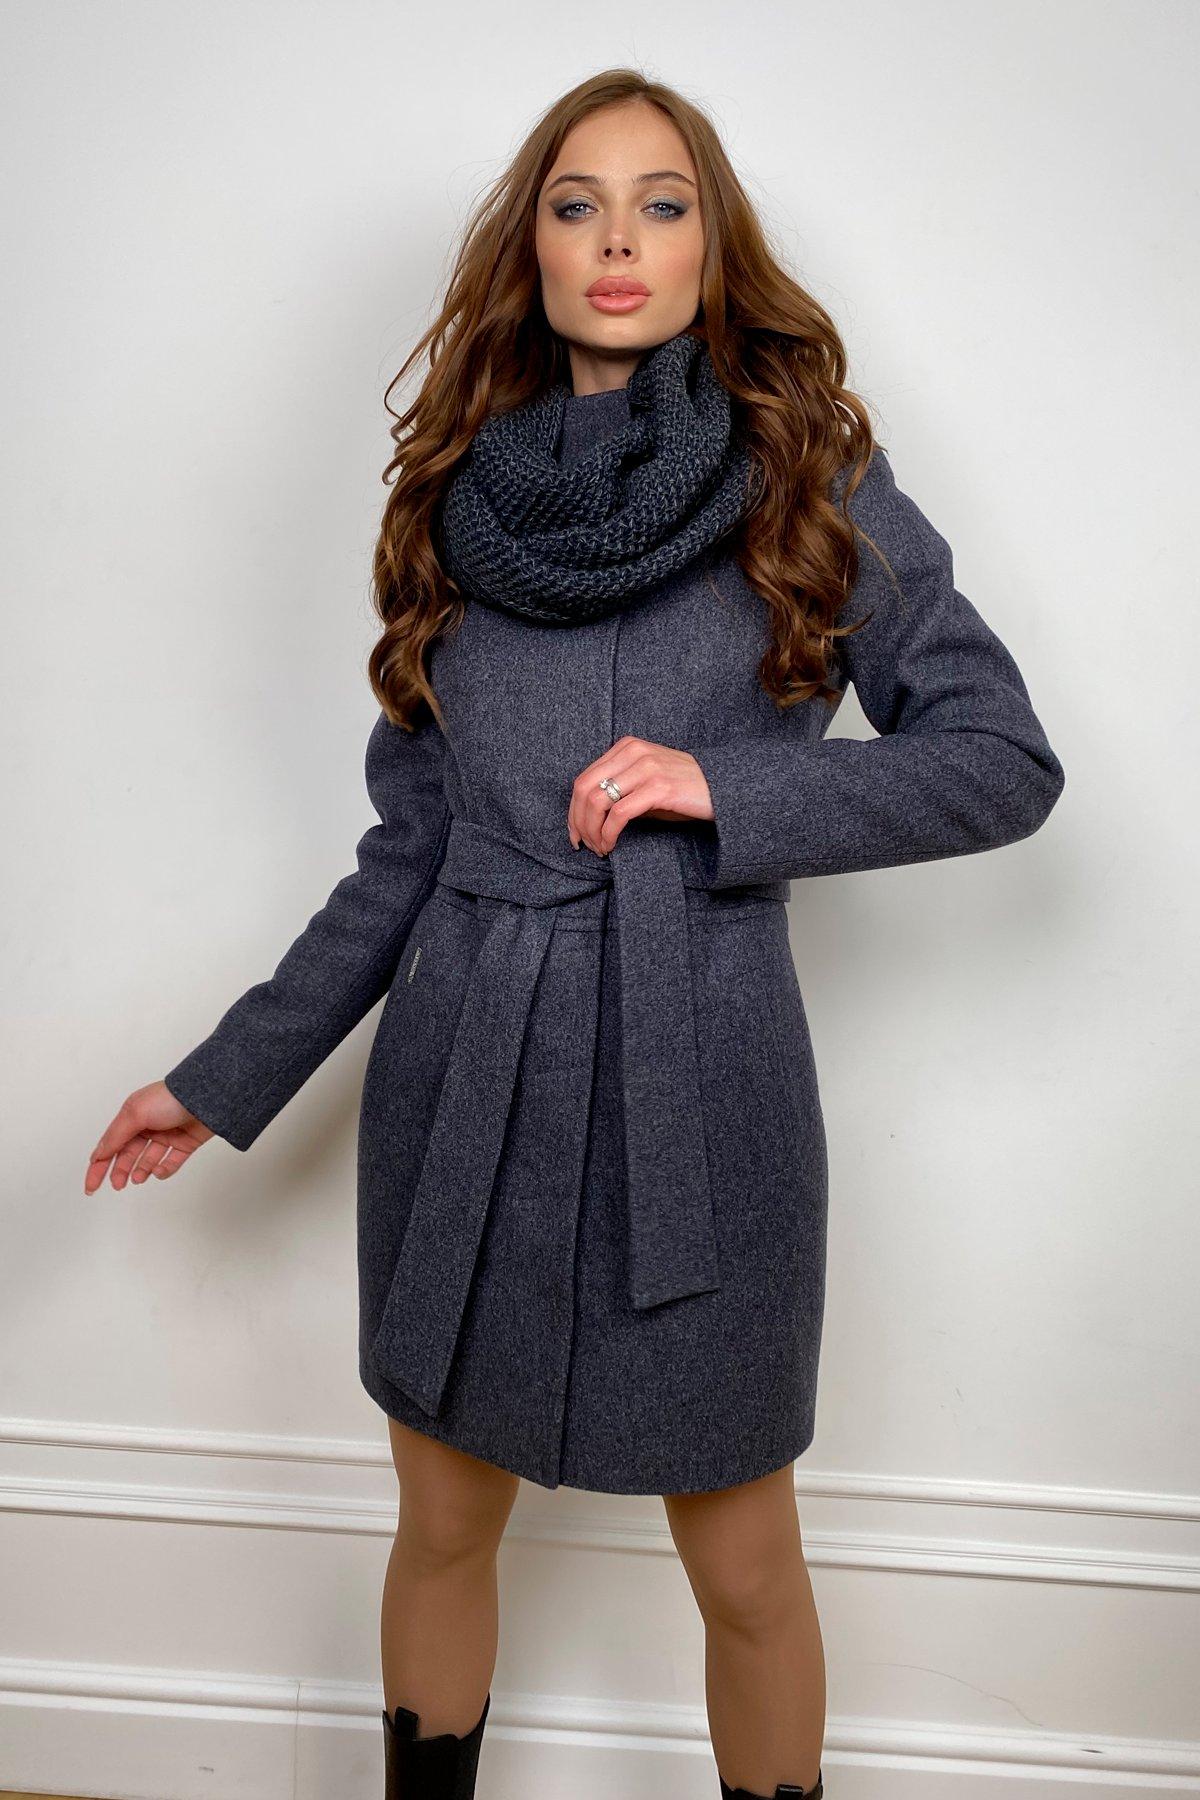 Купить женское зимнее пальто от Modus Пальто женское зимнее Габи 8295 с шарфом-трубой